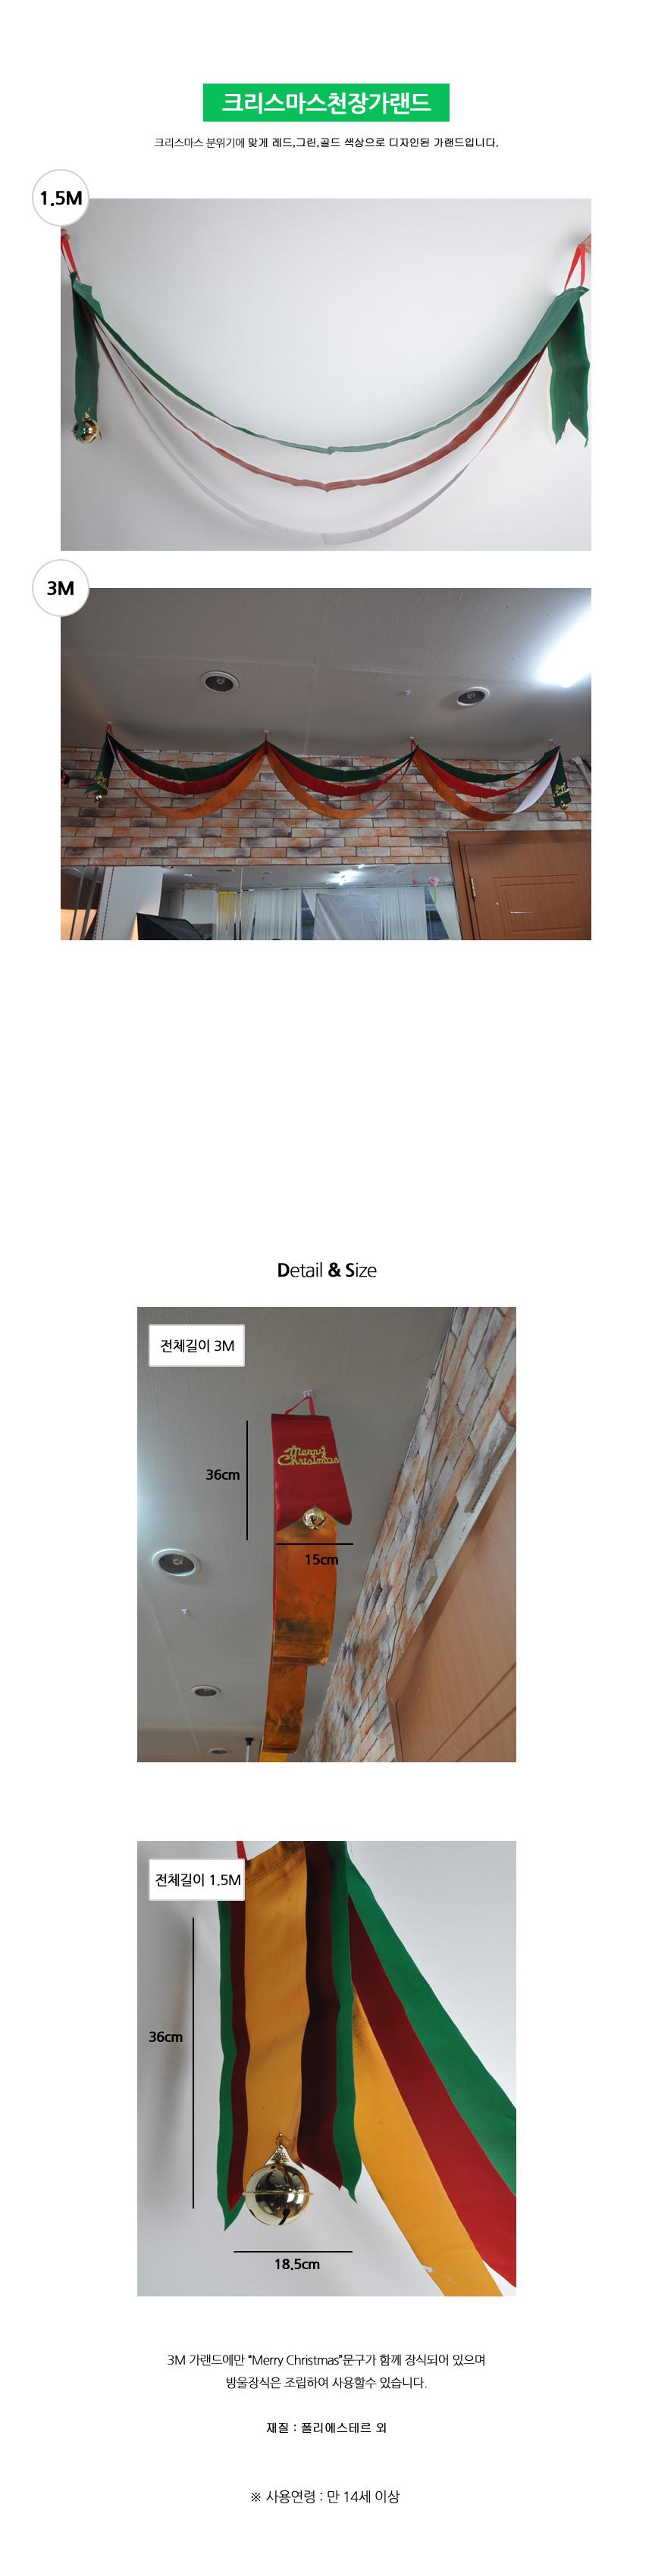 크리스마스천장가랜드(3M) - 파티스토리, 10,000원, 파티용품, 크리스마스 파티